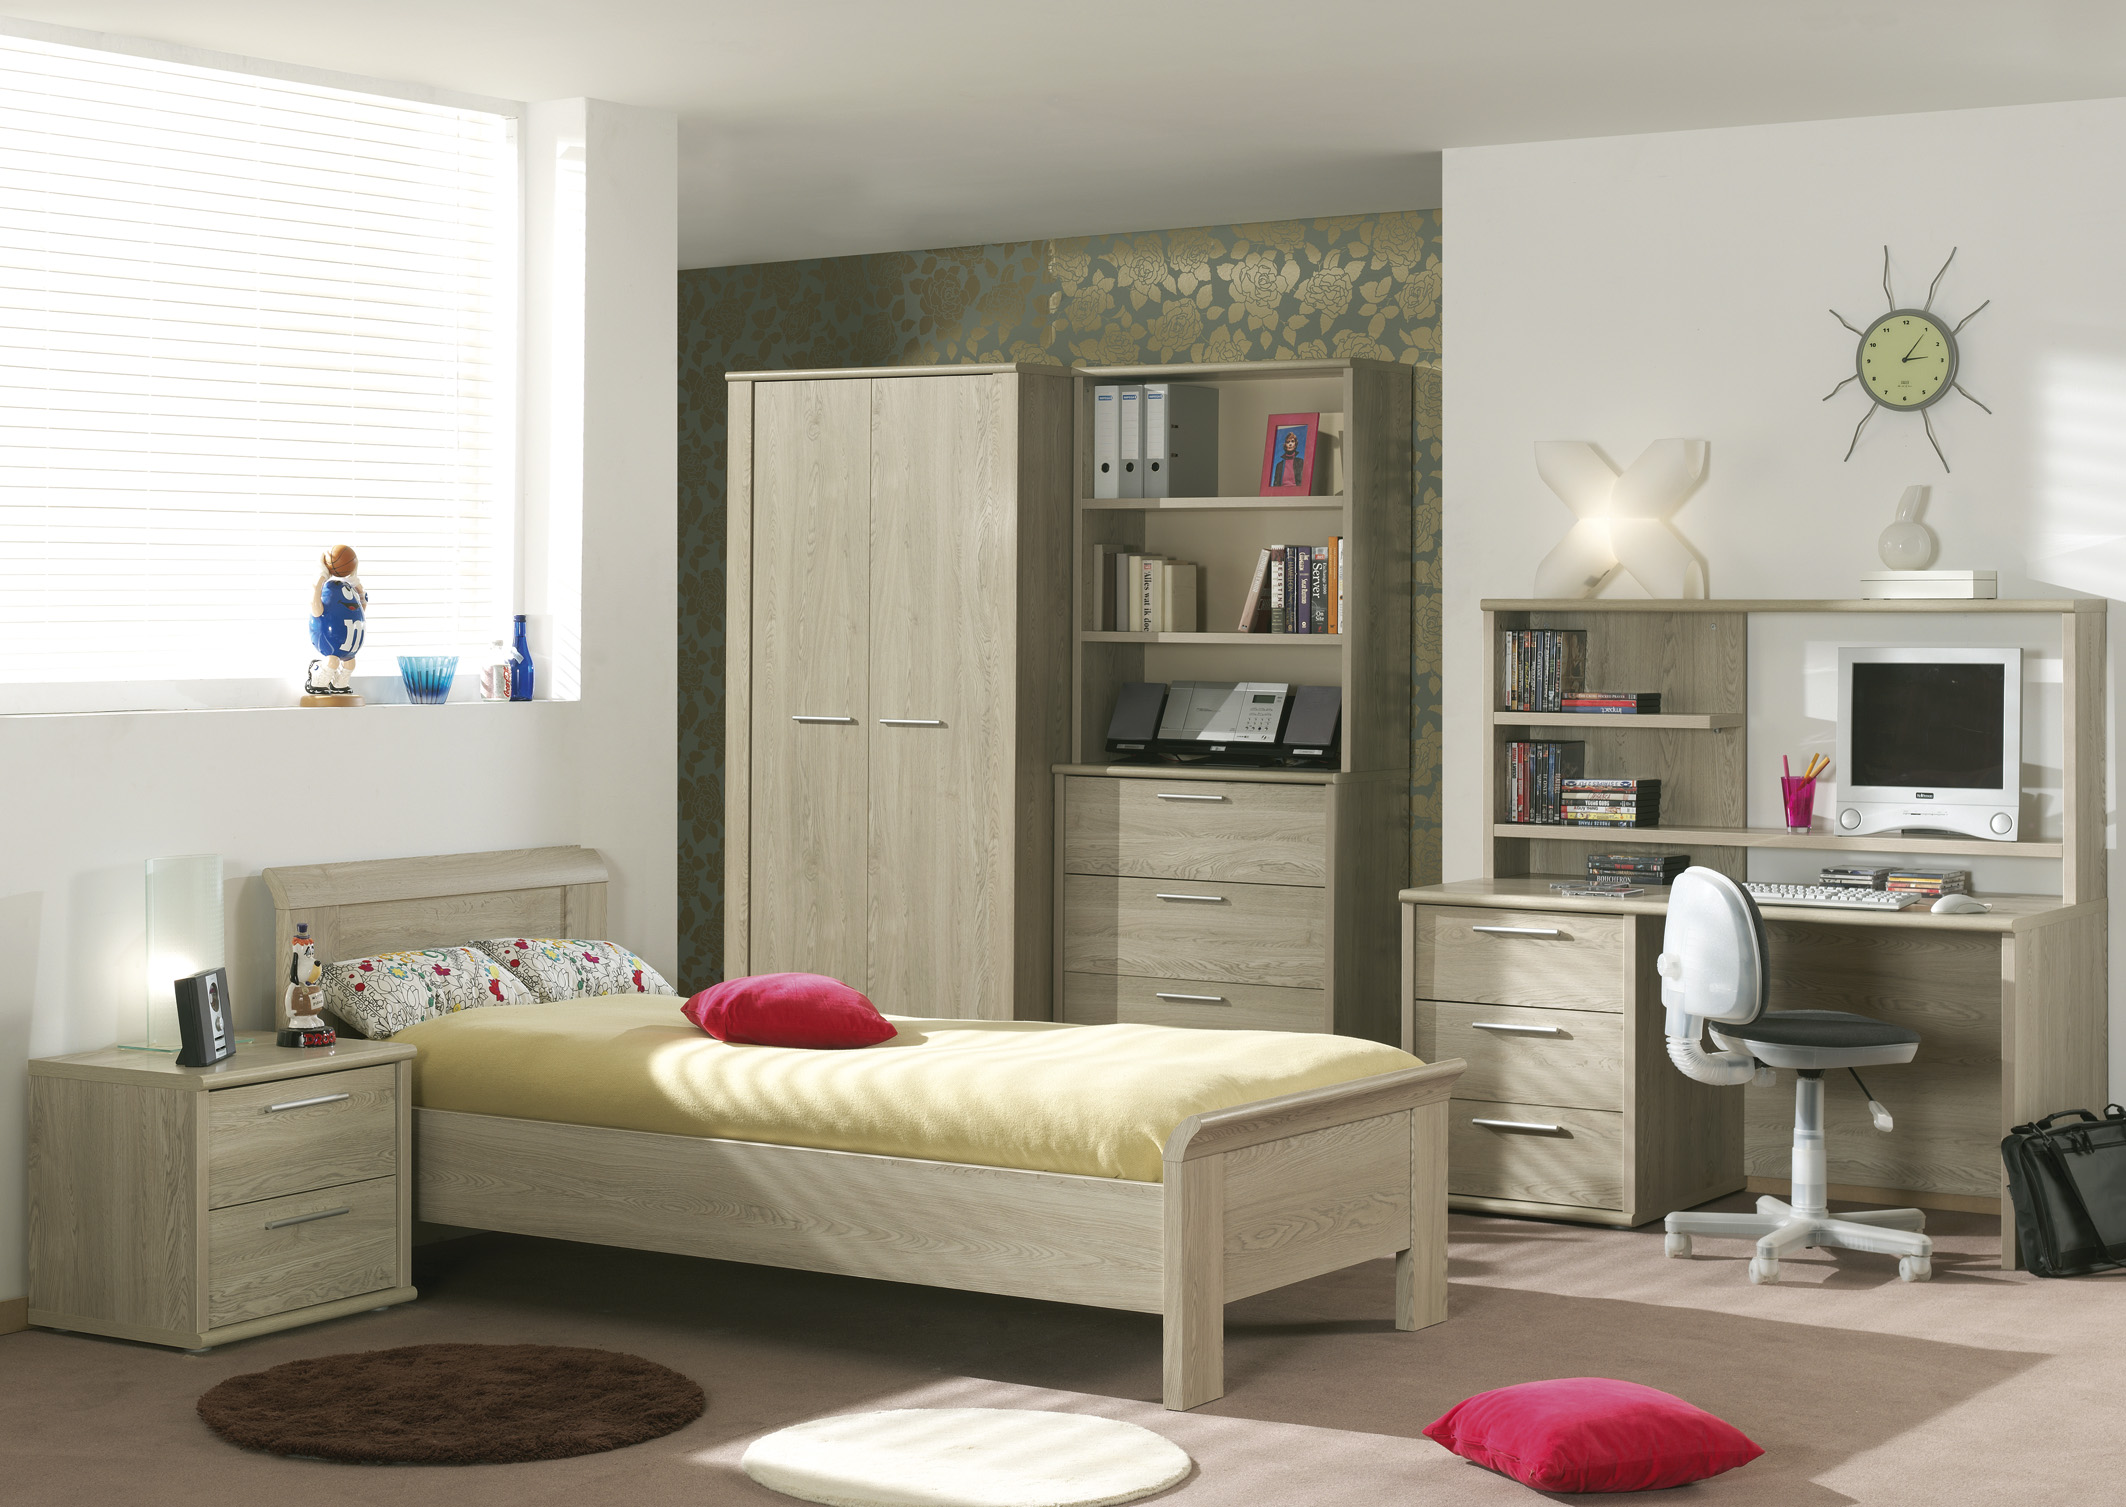 Jeugdkamer nina meubelen voor thuis salons eetkamers slaapkamers relaxen bedden - Idee deco wallpaper volwassene kamer ...